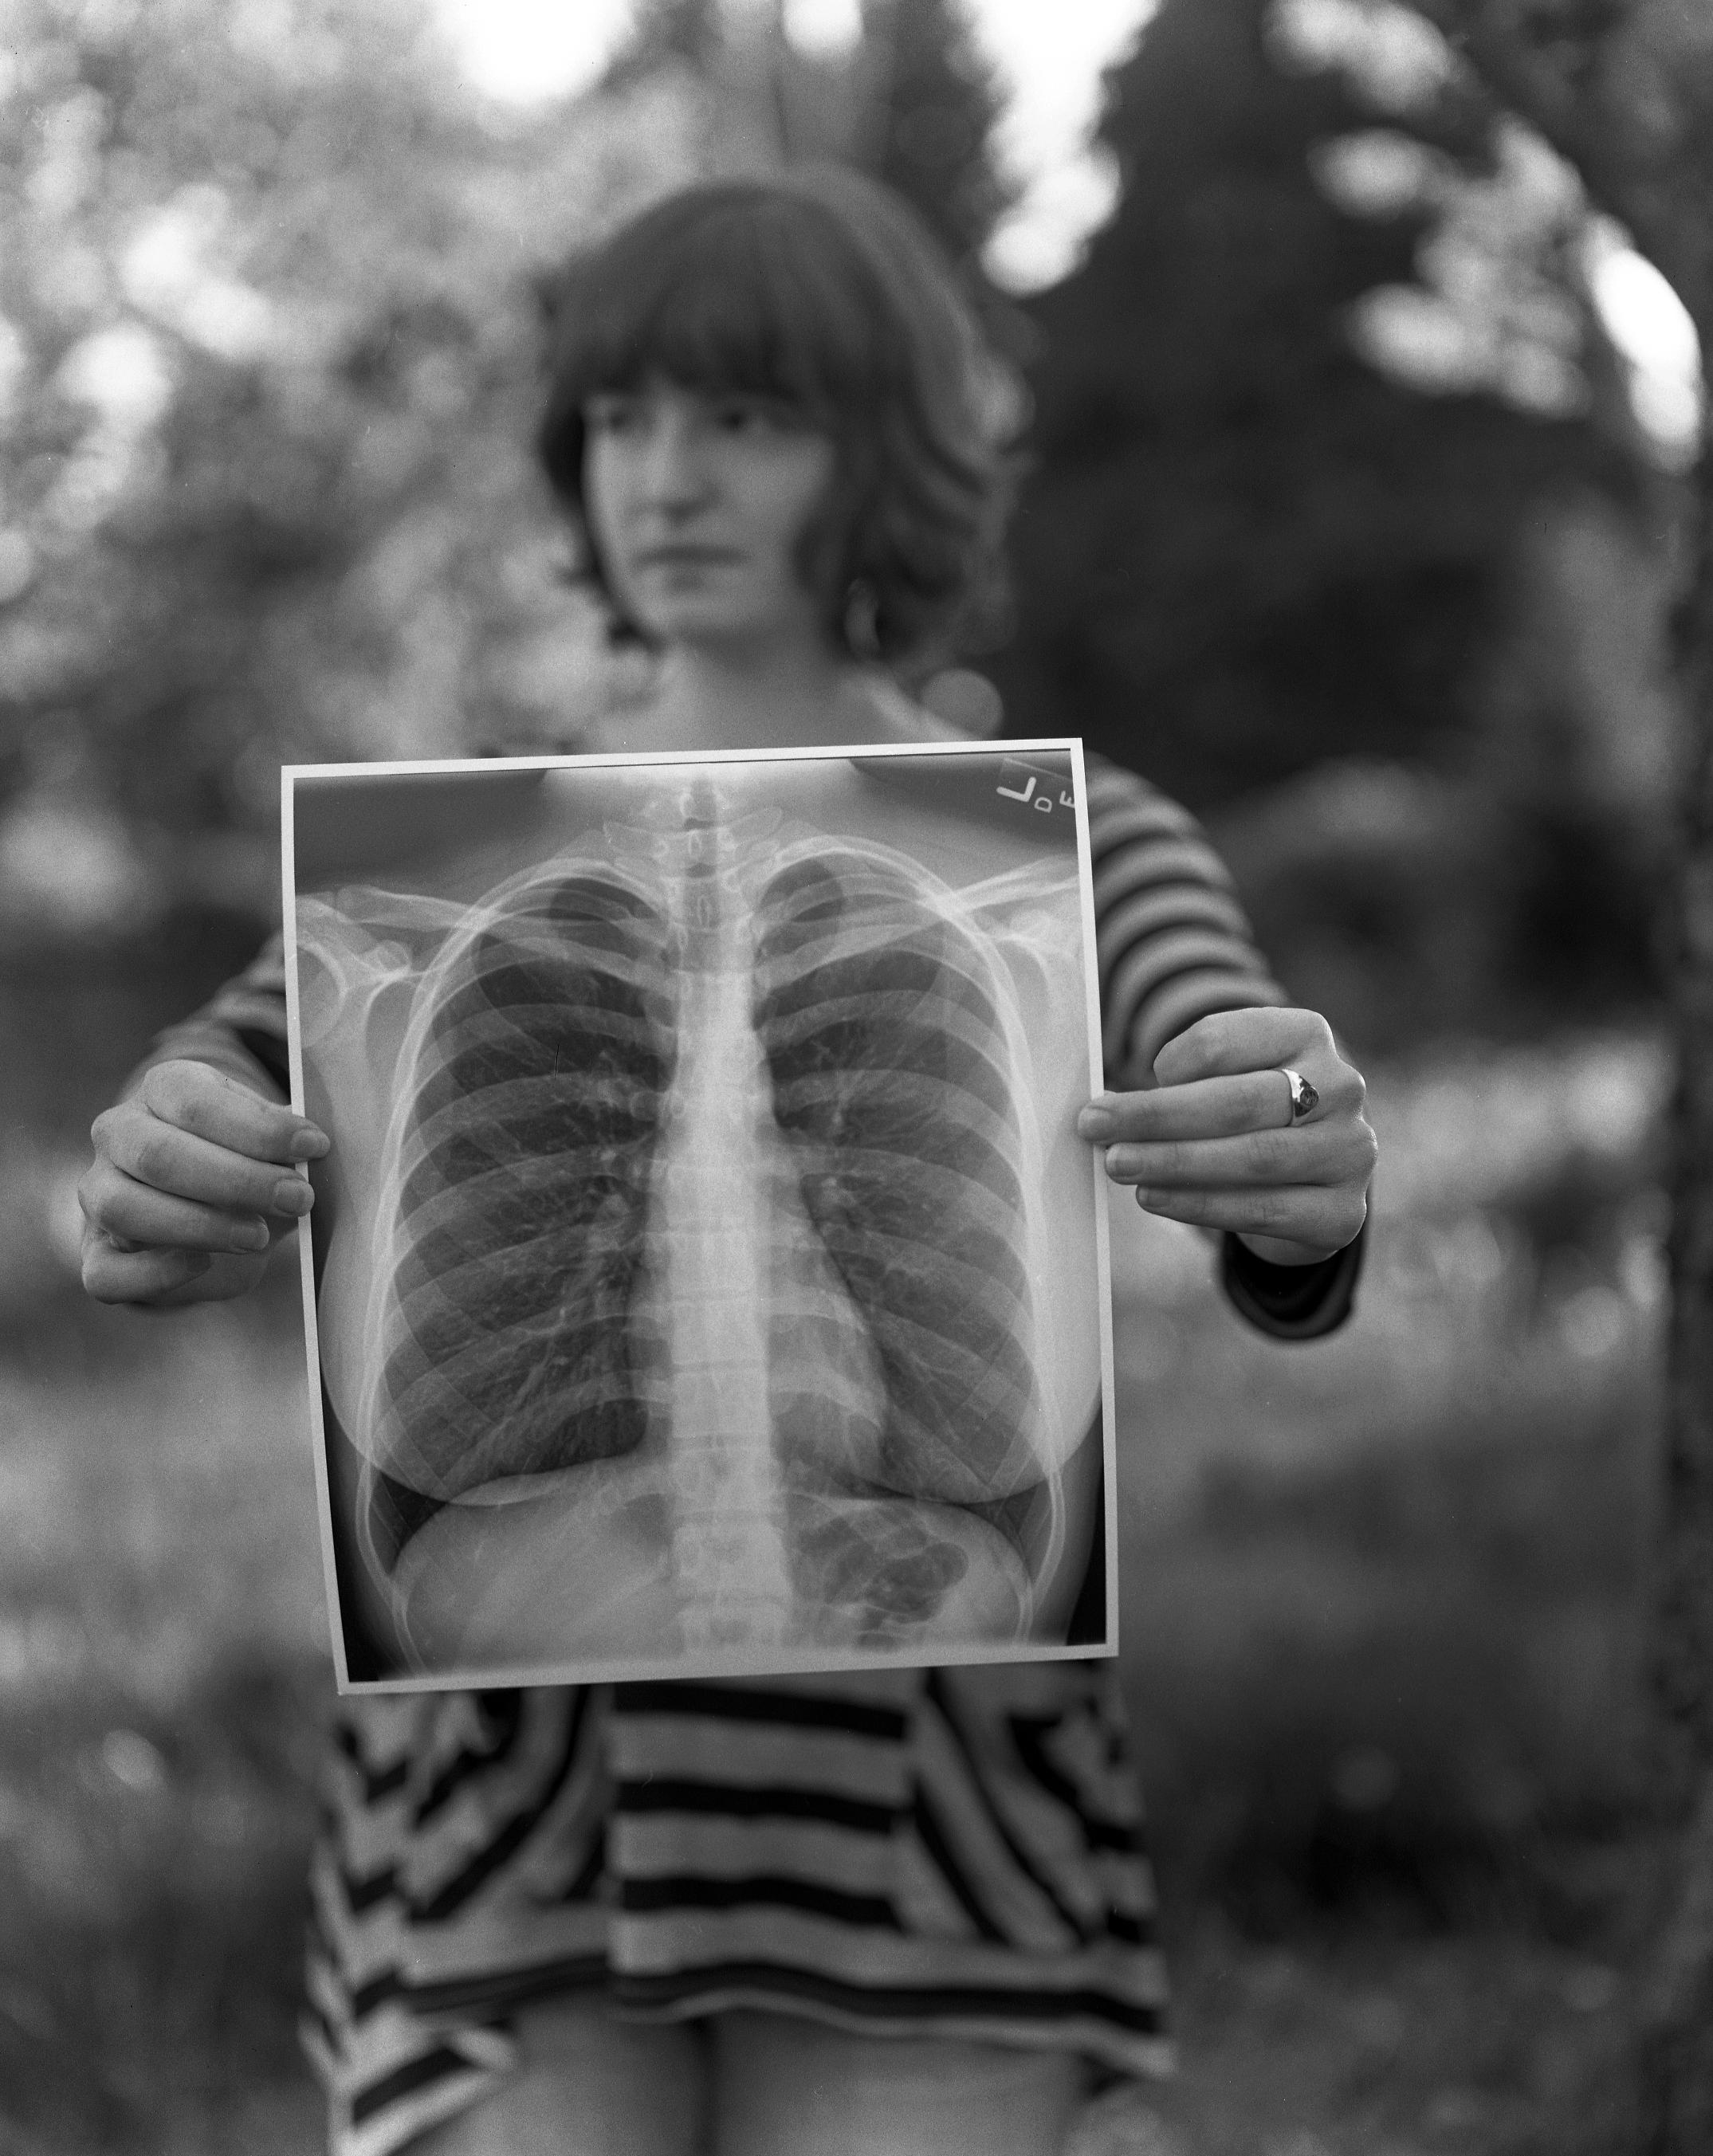 X-ray, May 2013